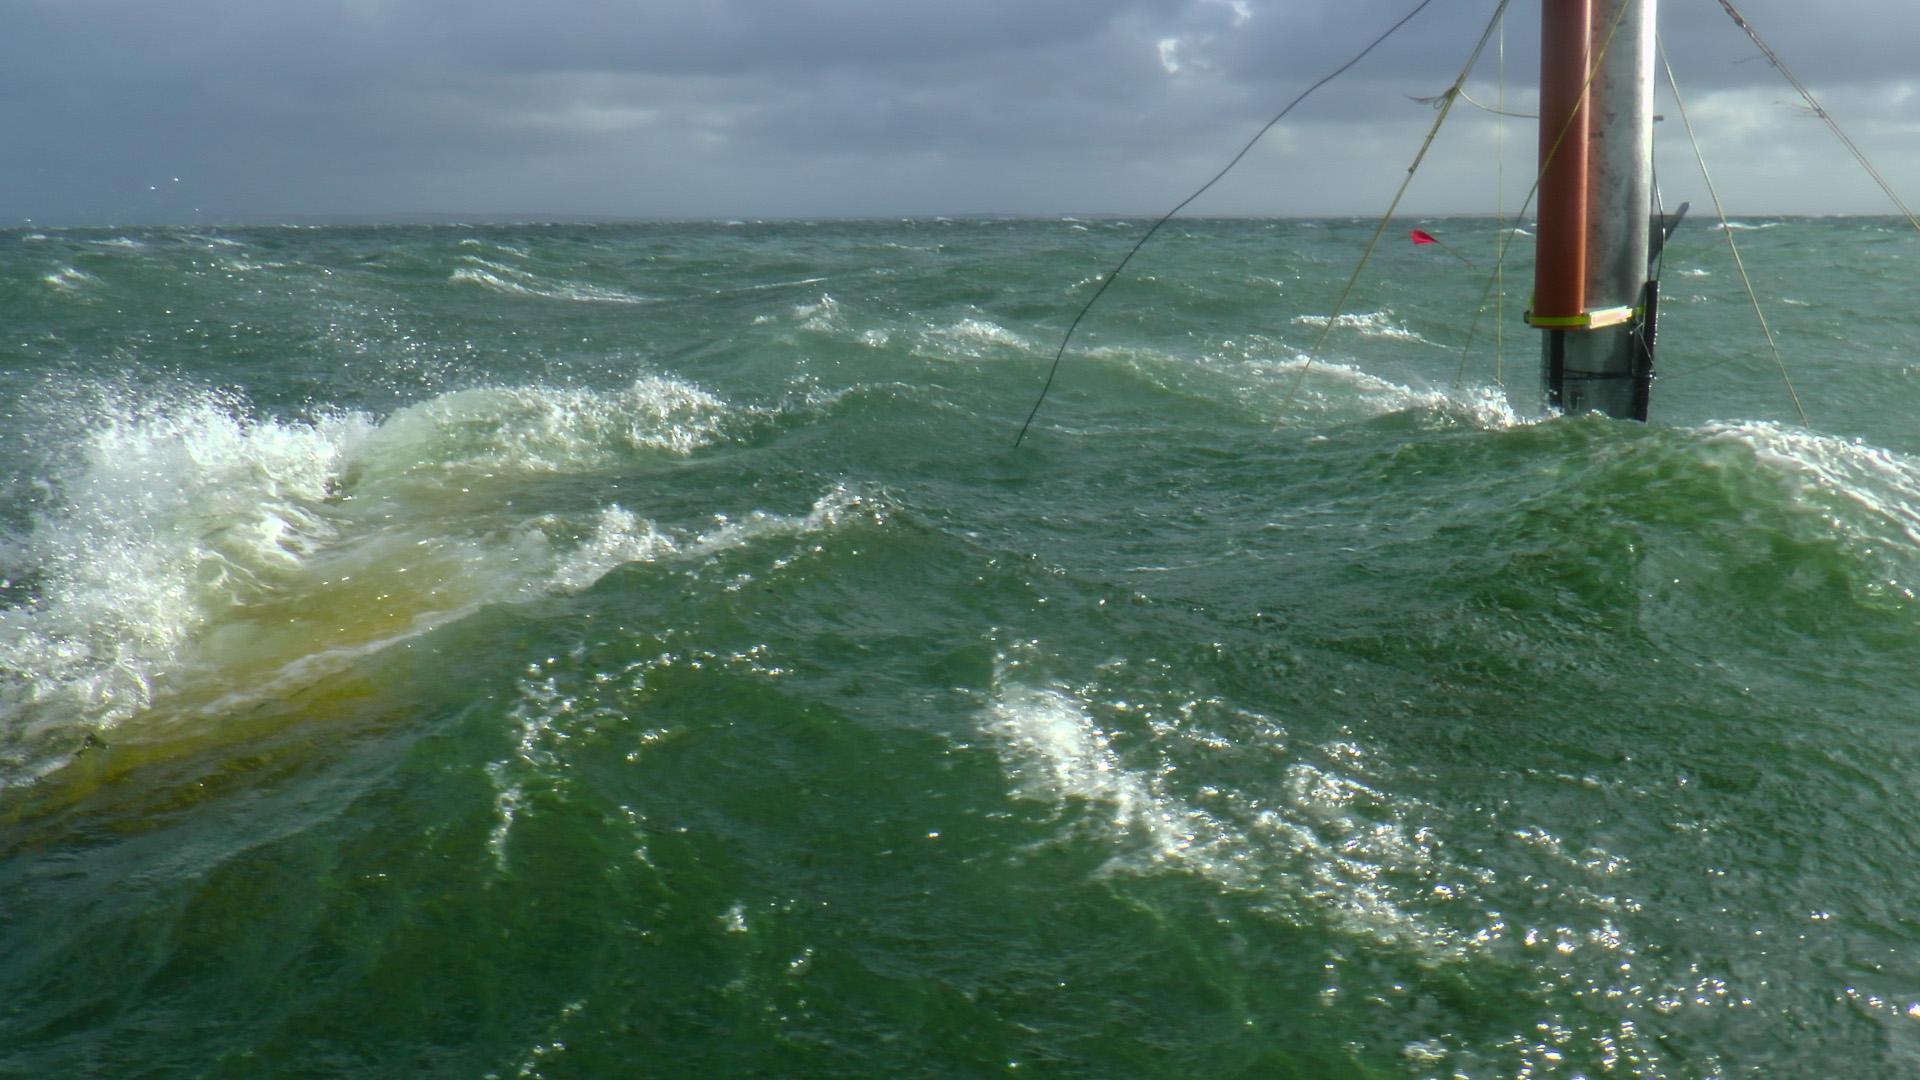 NEMOS Schwimmkörper für eine Wellenenergiegewinnungsanlage im Test auf offener See.